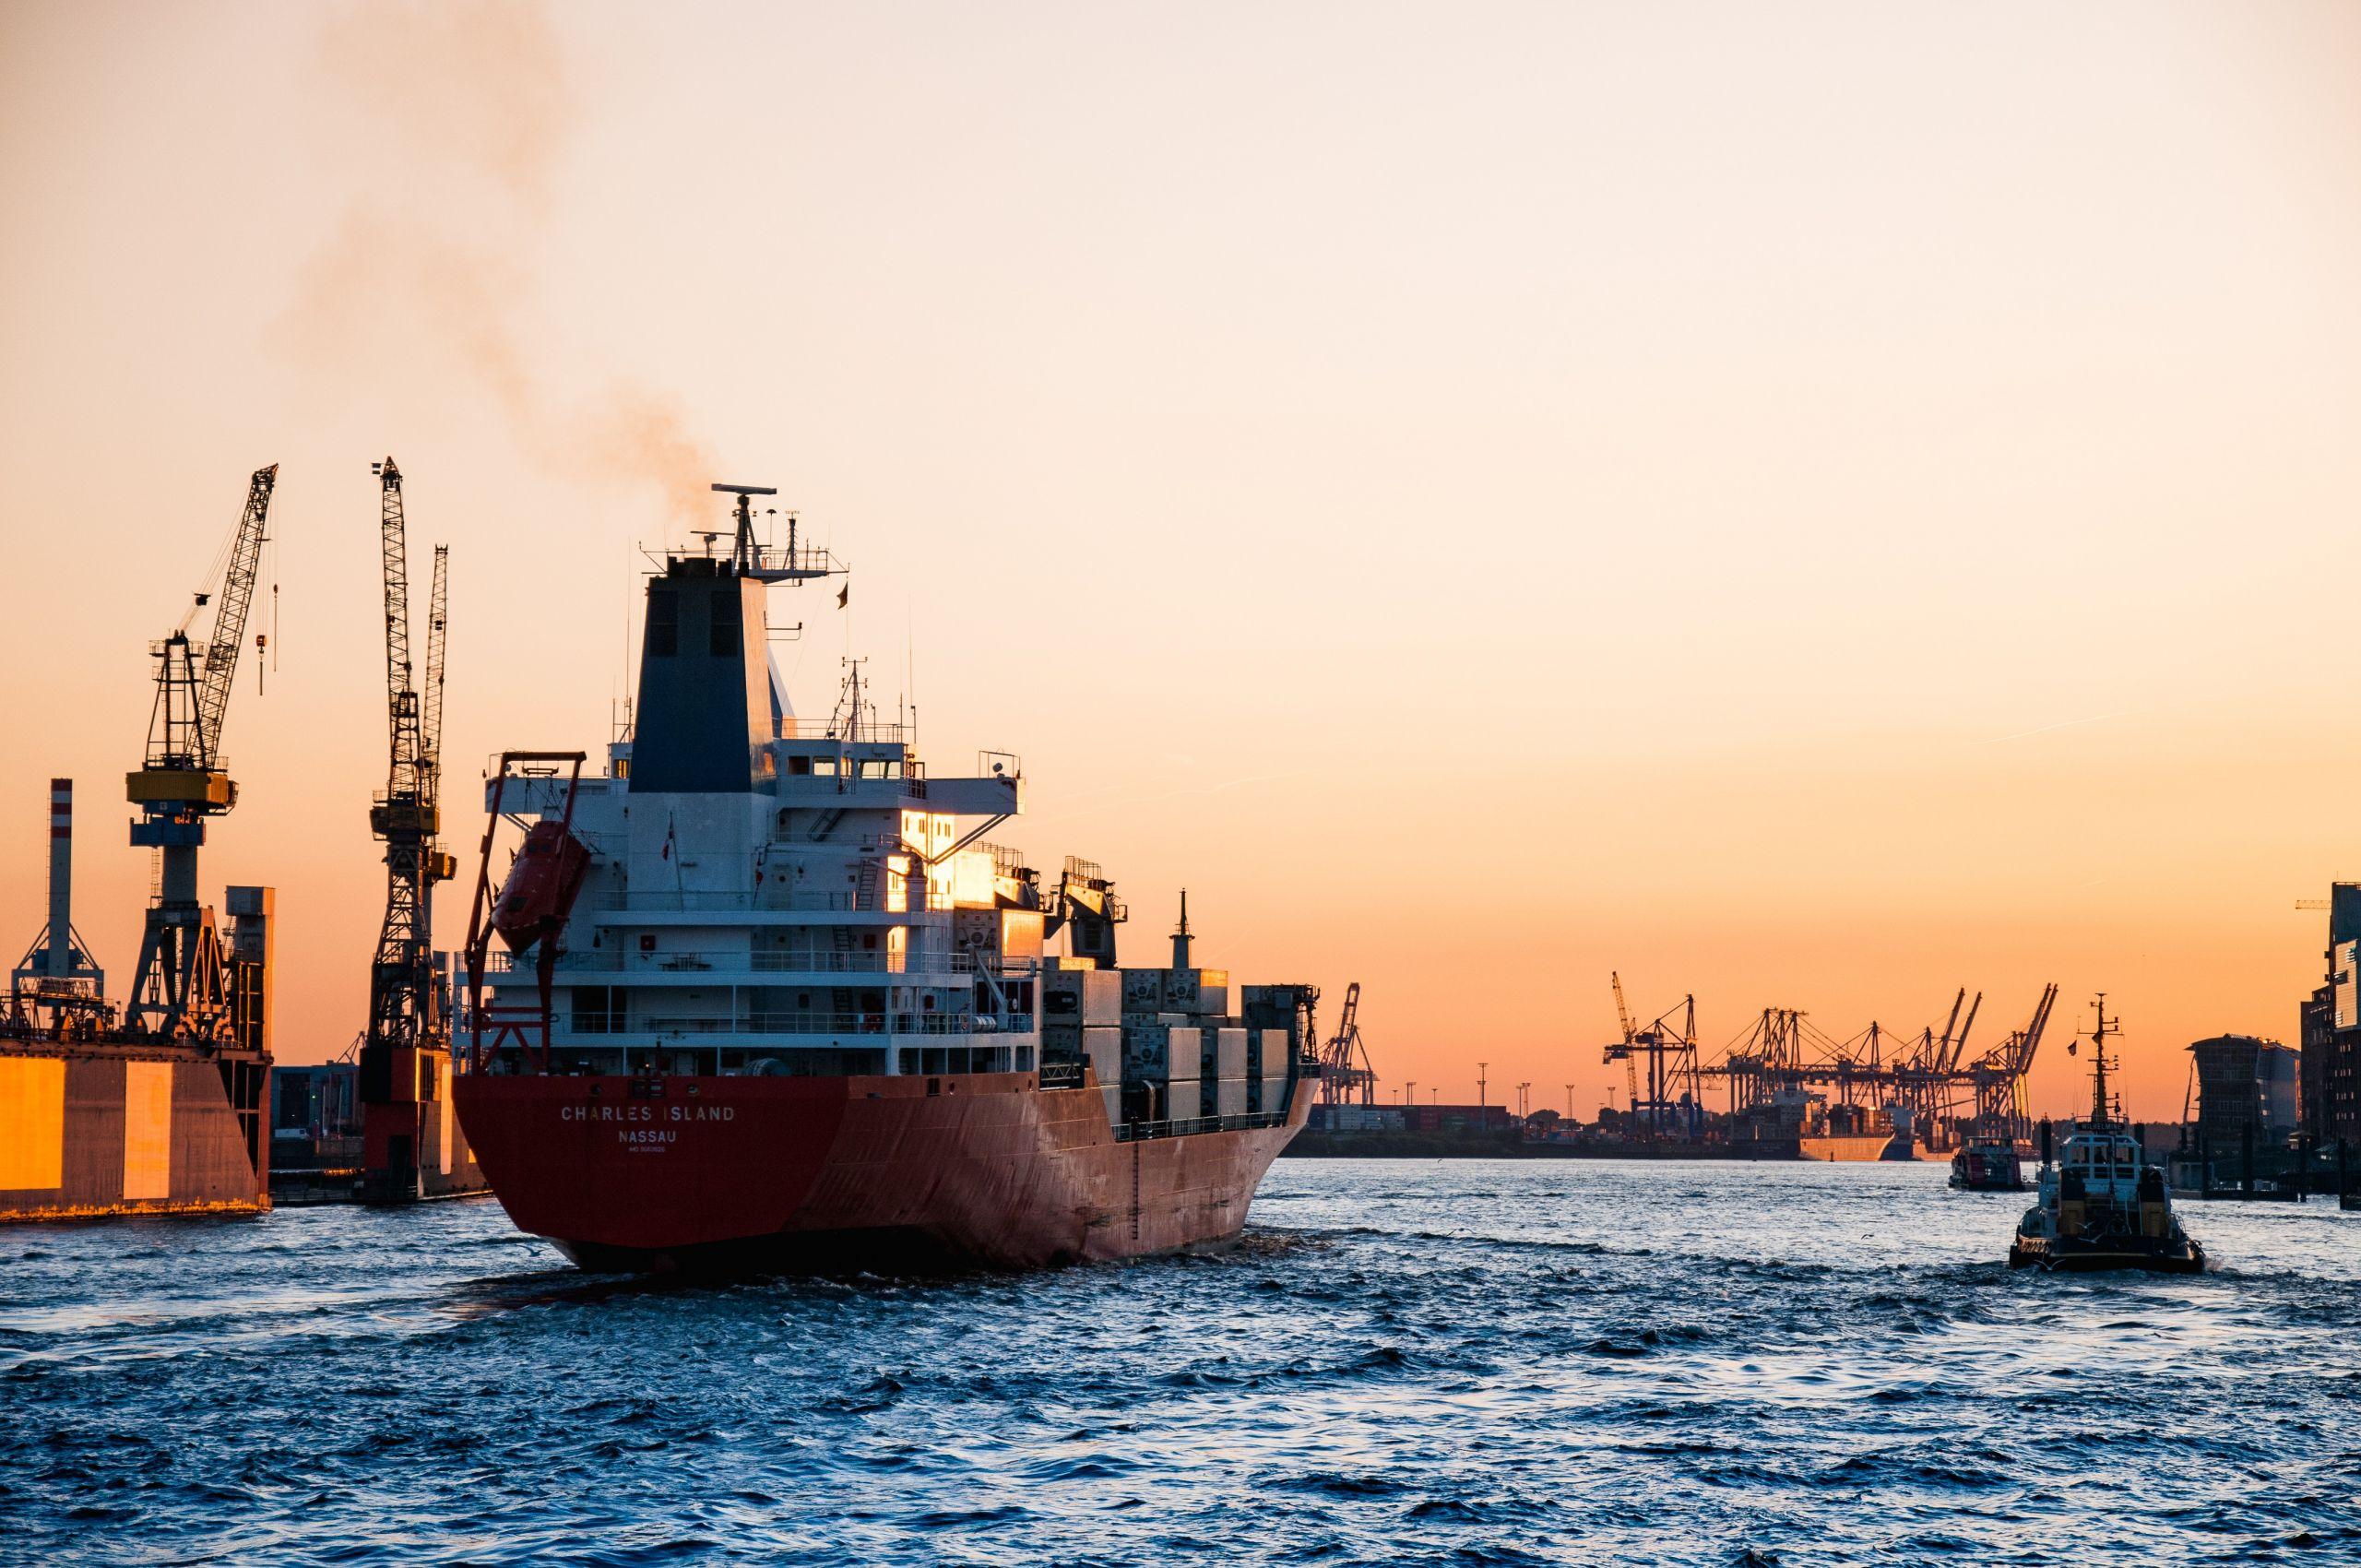 Ship in the open sea